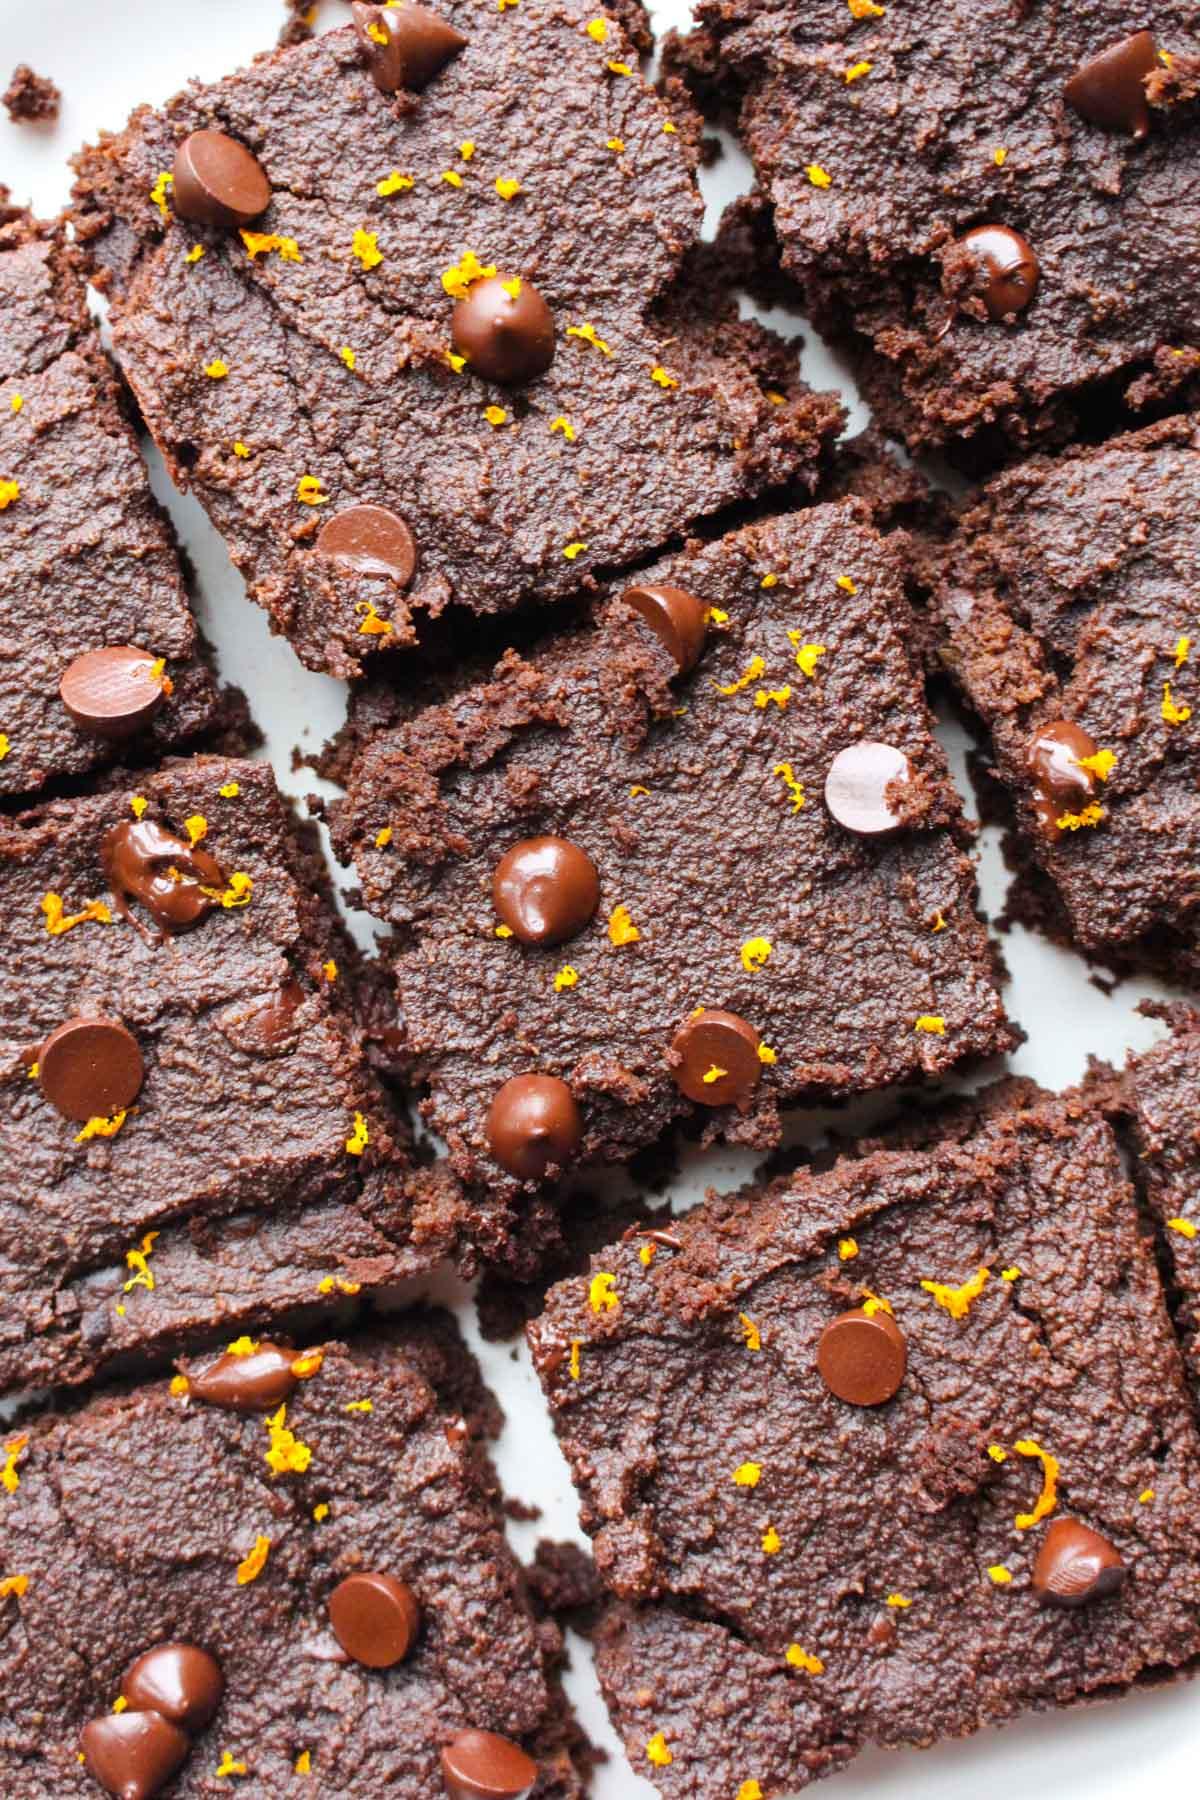 Overhead shot of brownies with orange zest on top.